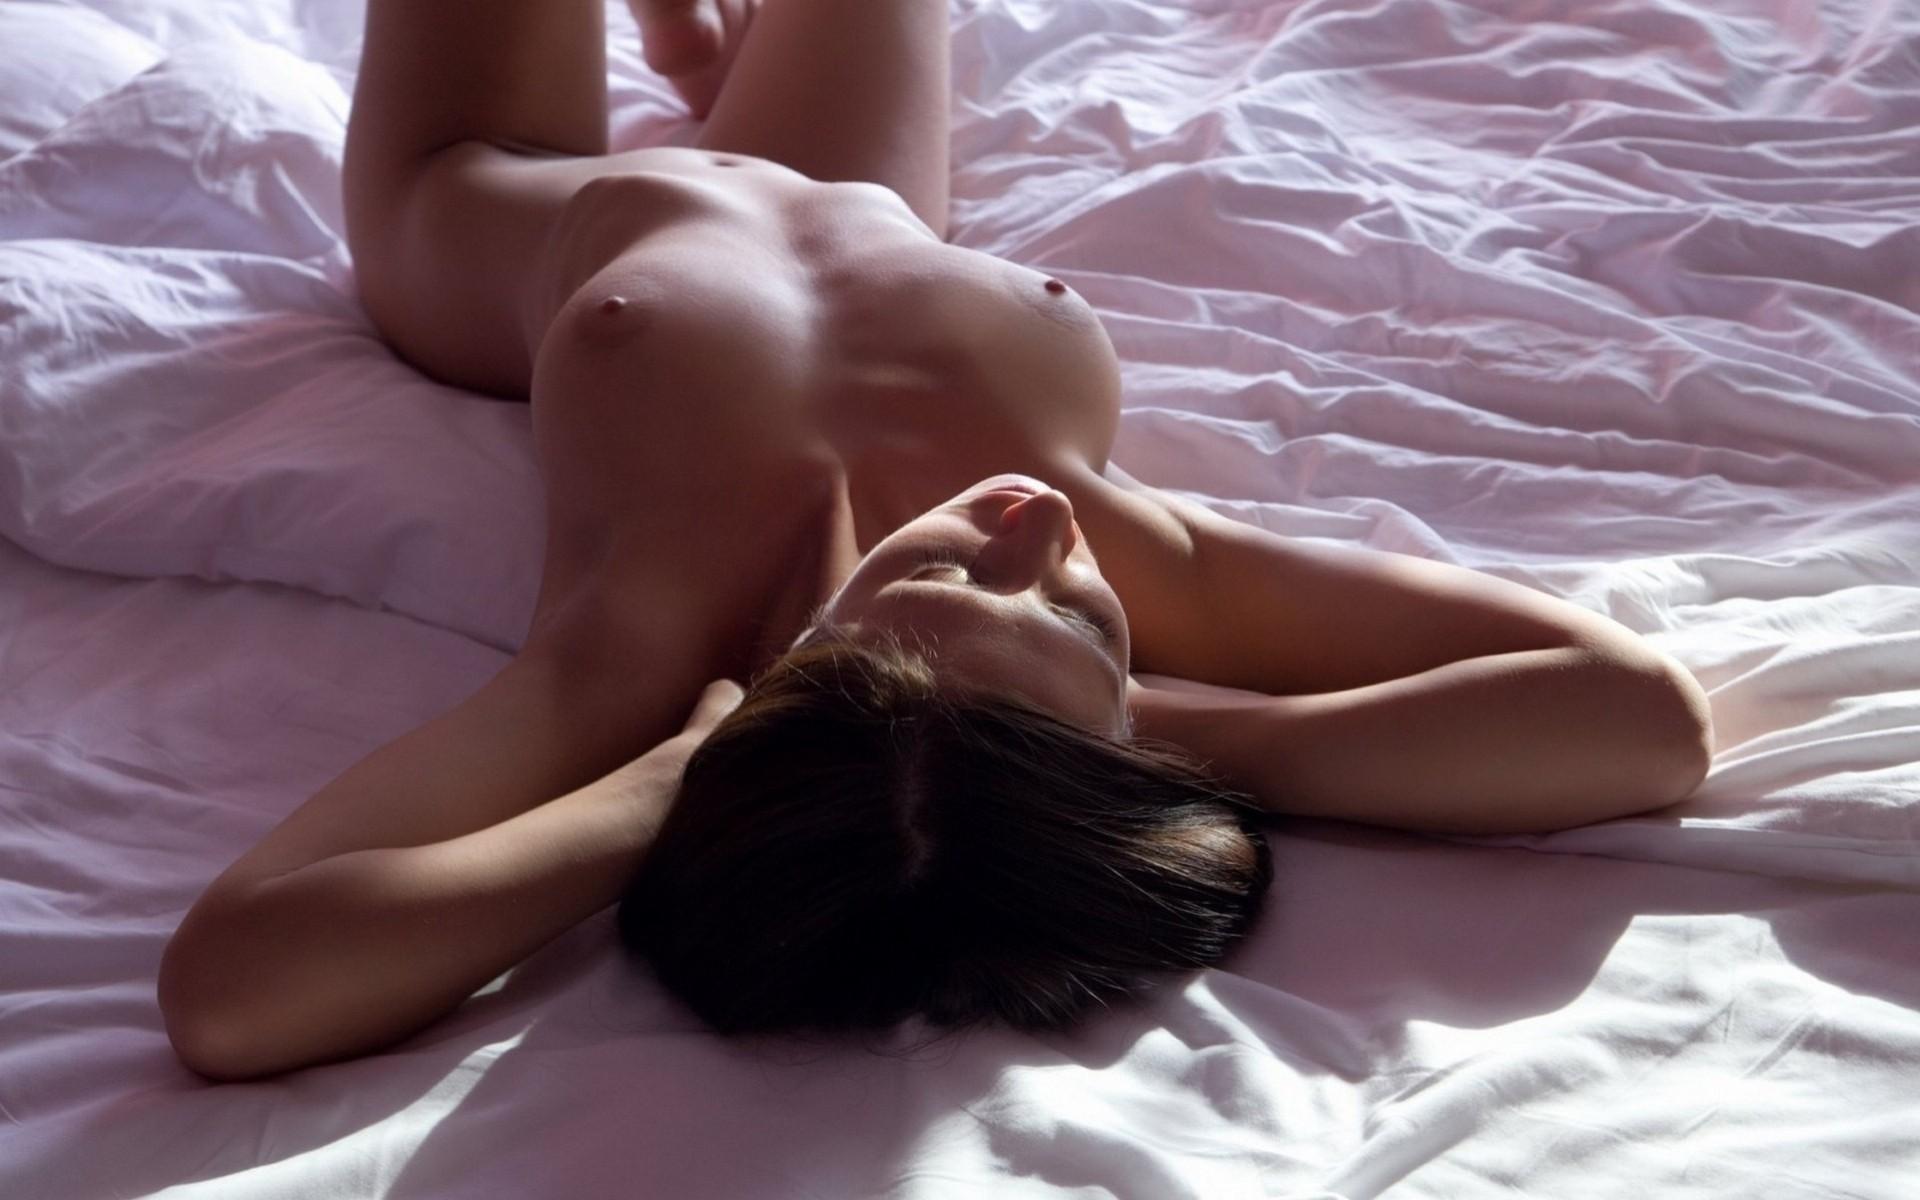 Фото позы для эротичного фото для девушек — pic 7